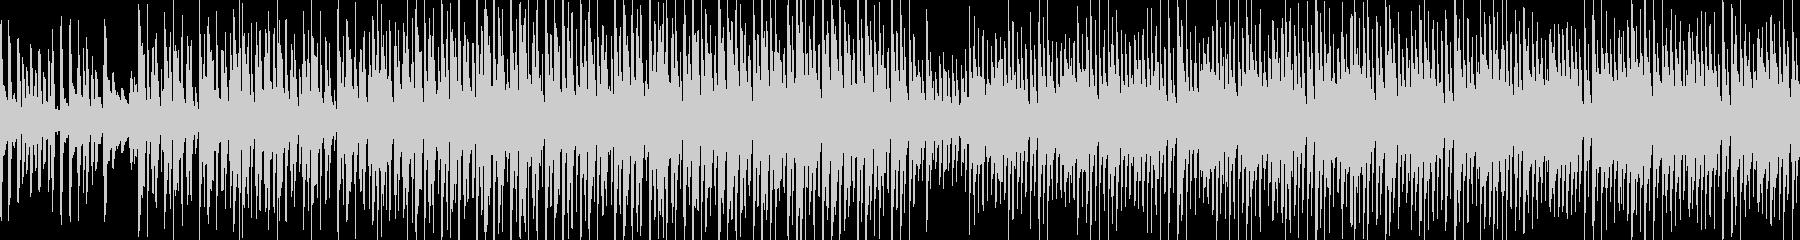 ゲーム・オープニング・エンディングの未再生の波形